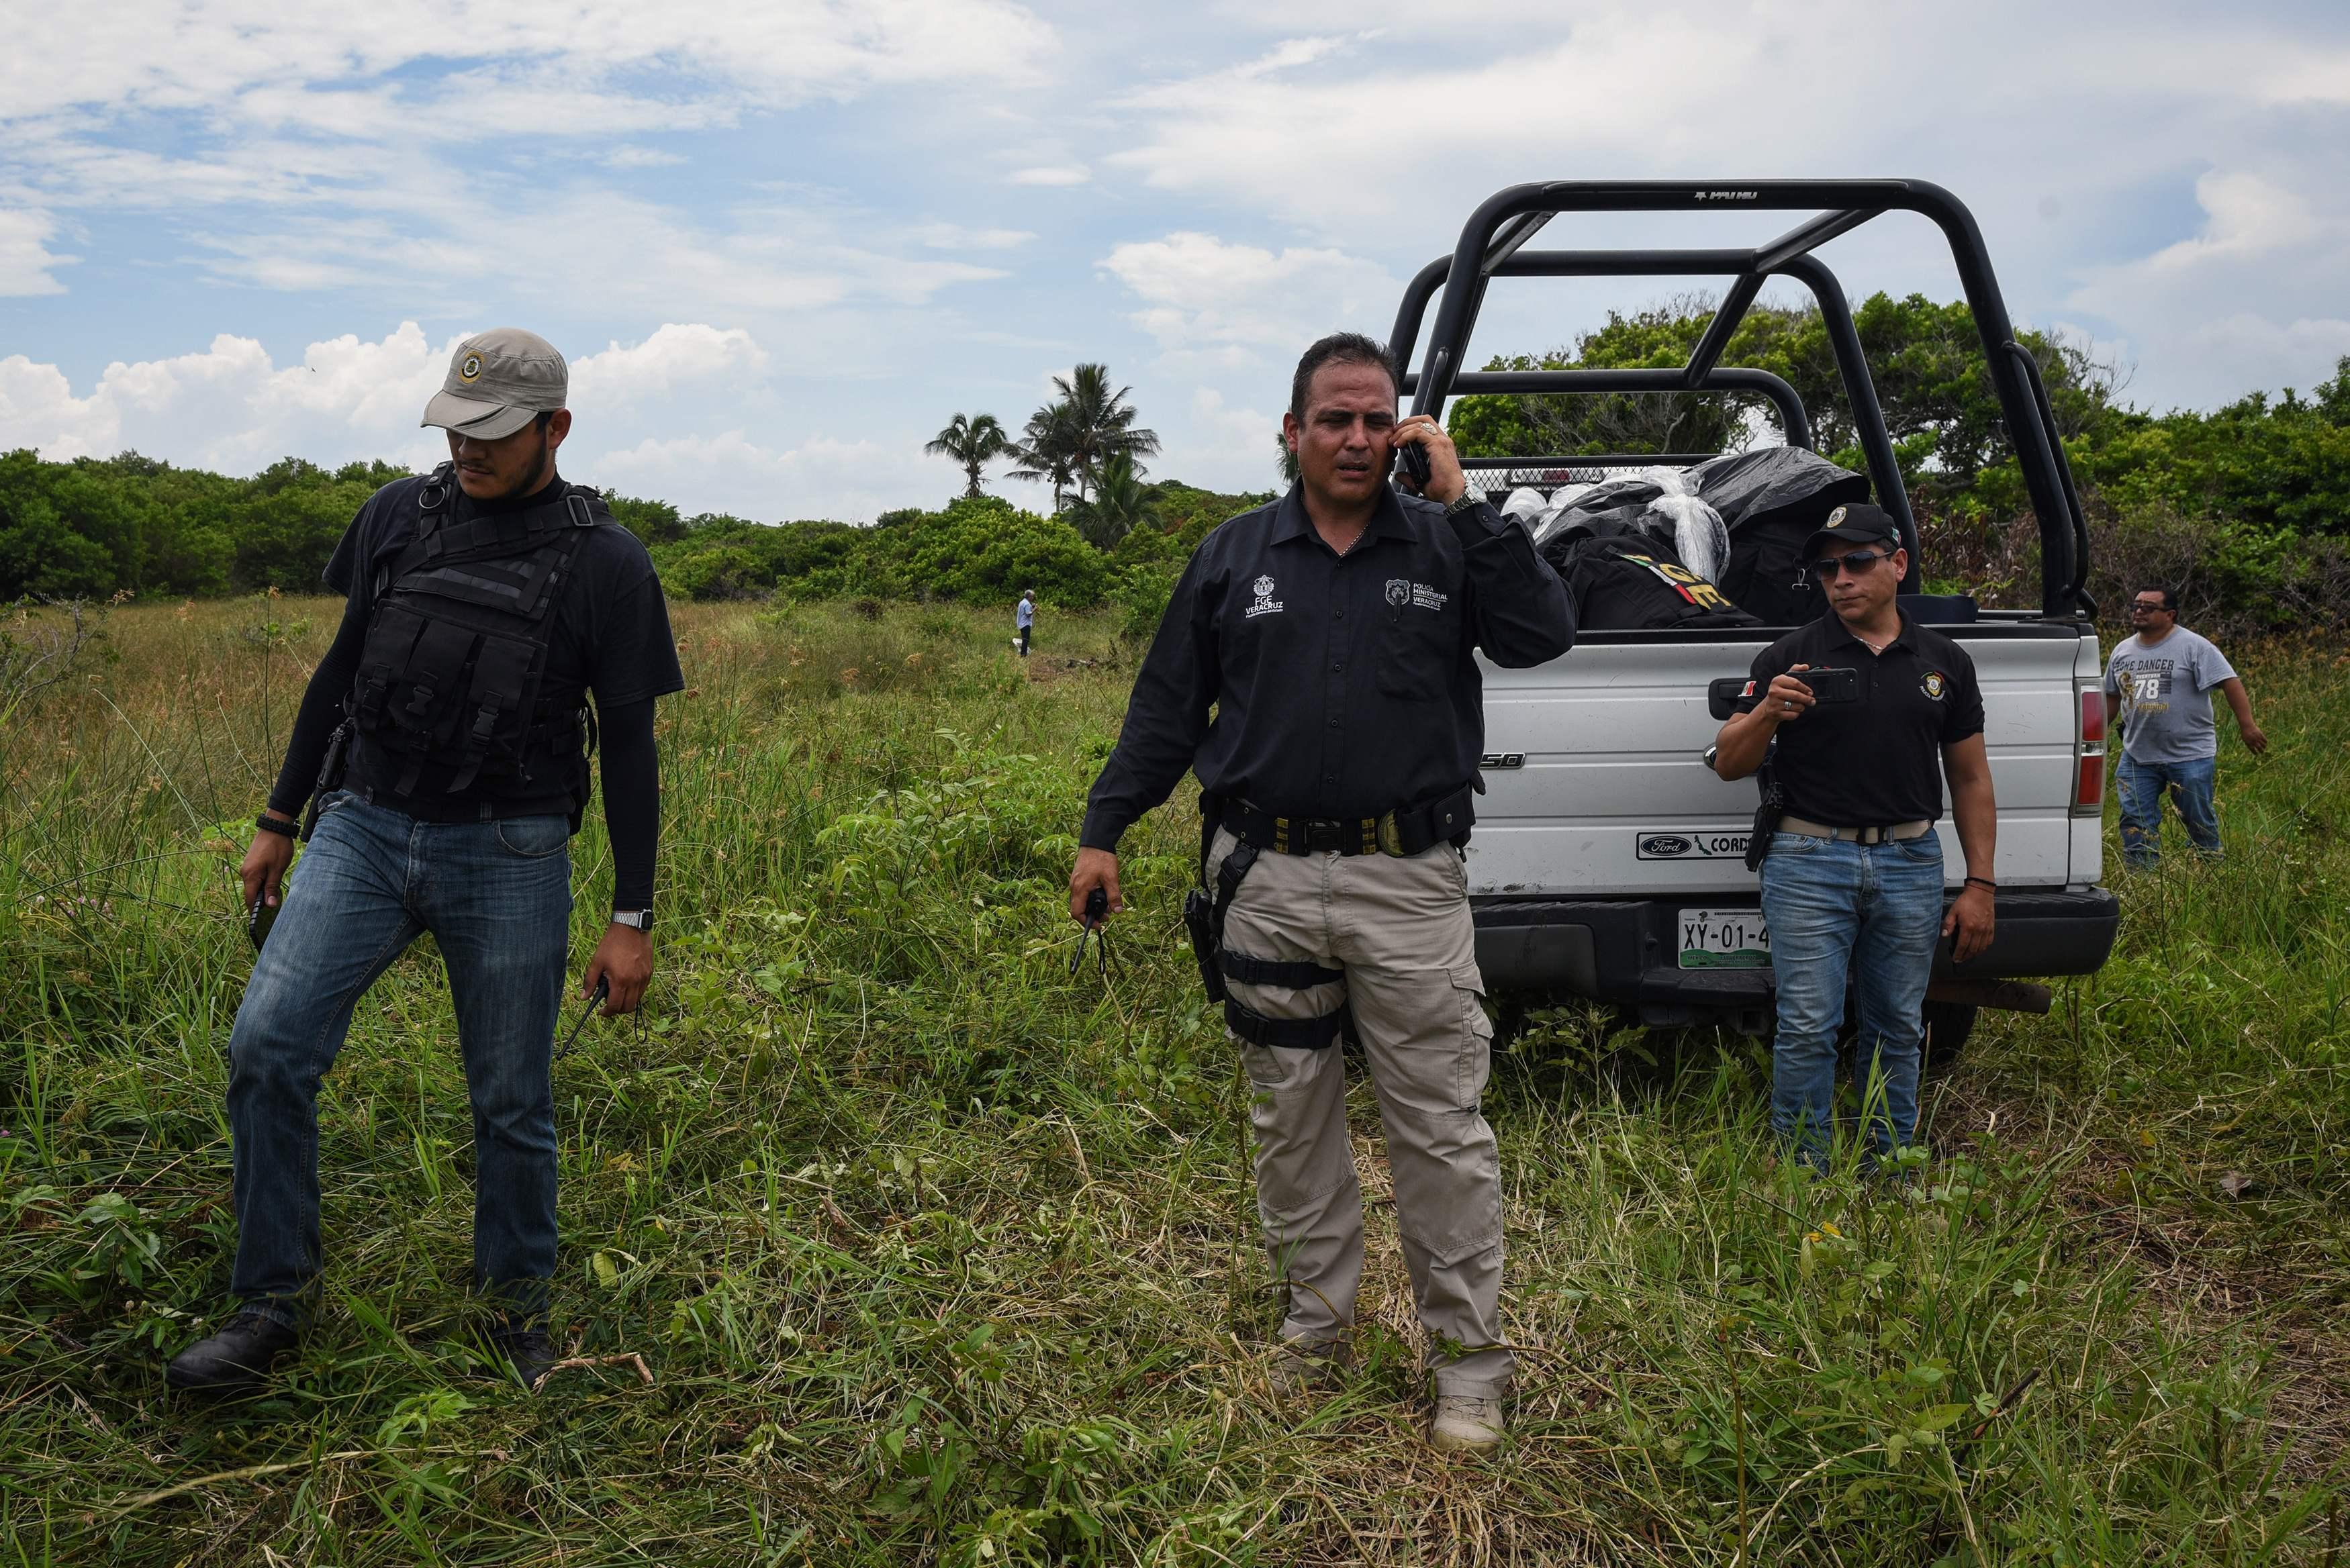 عناصر من الشرطة المكسيكية بموقع العثور على مقبرة